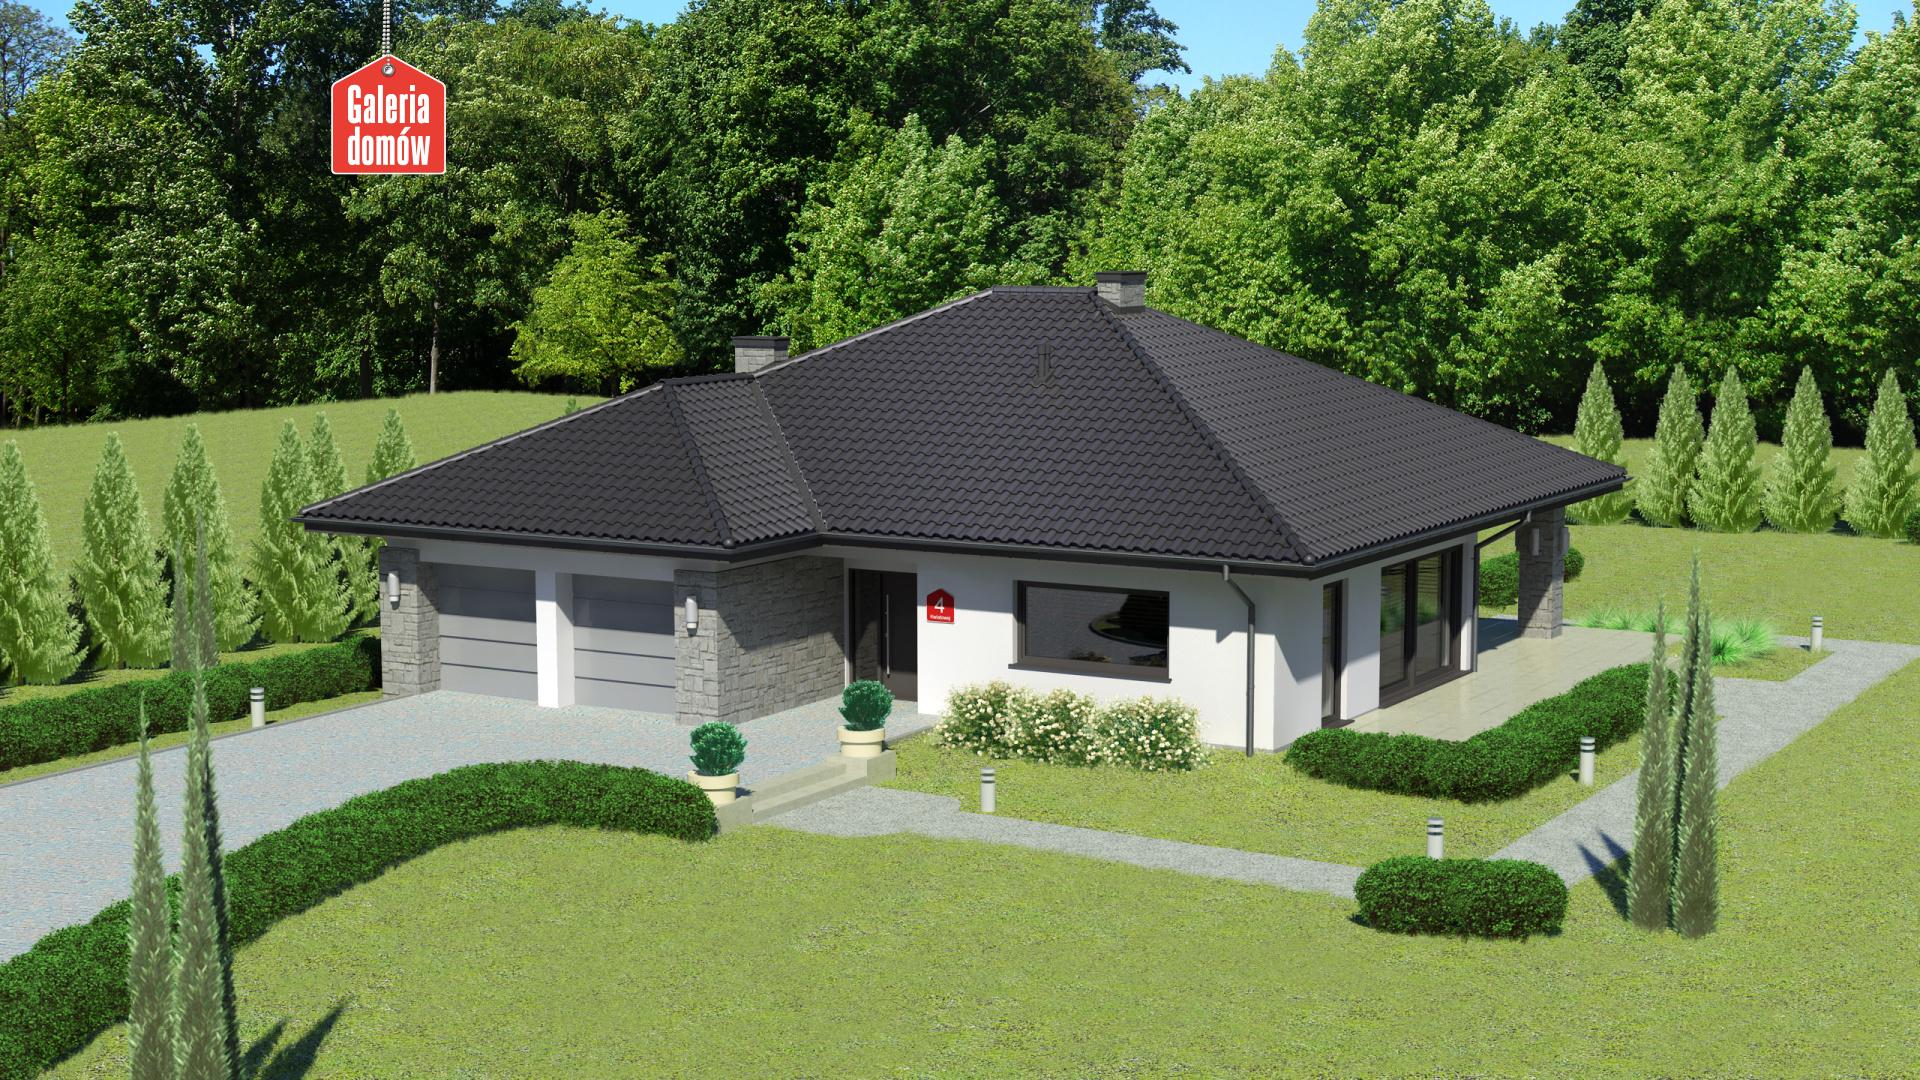 Dom przy Kwiatowej 4 - zdjęcie projektu i wizualizacja